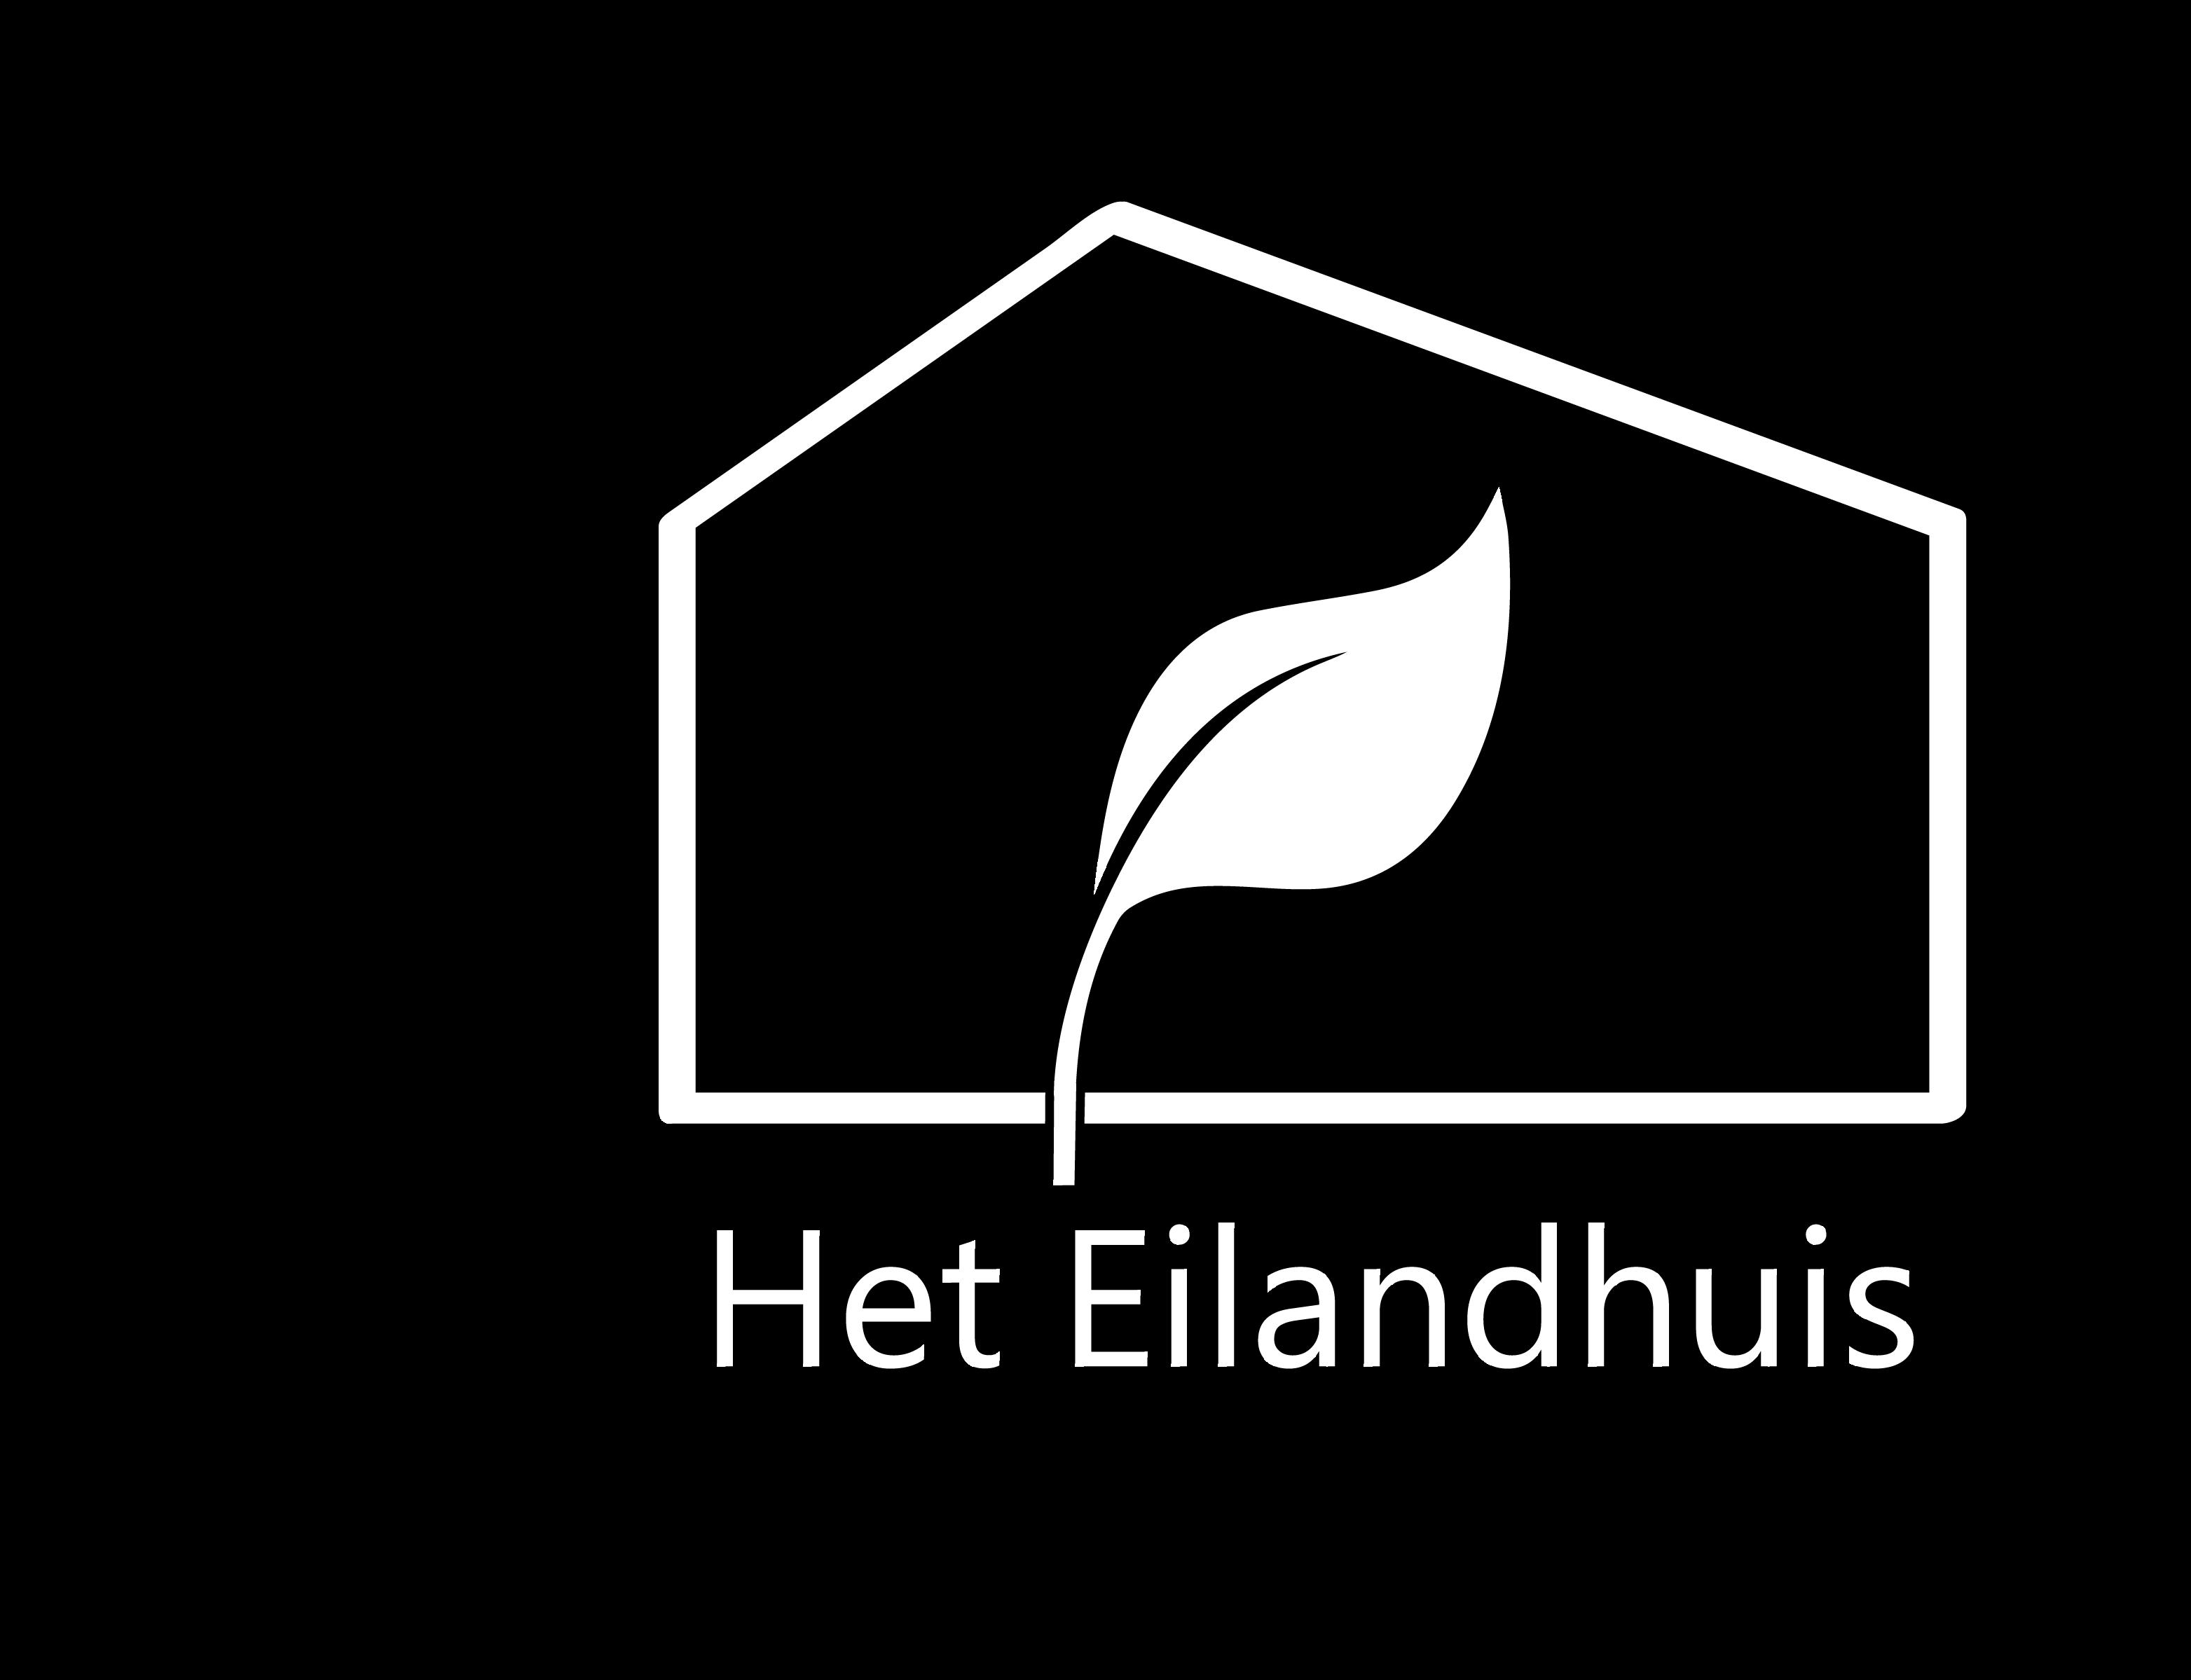 Het Eilandhuis